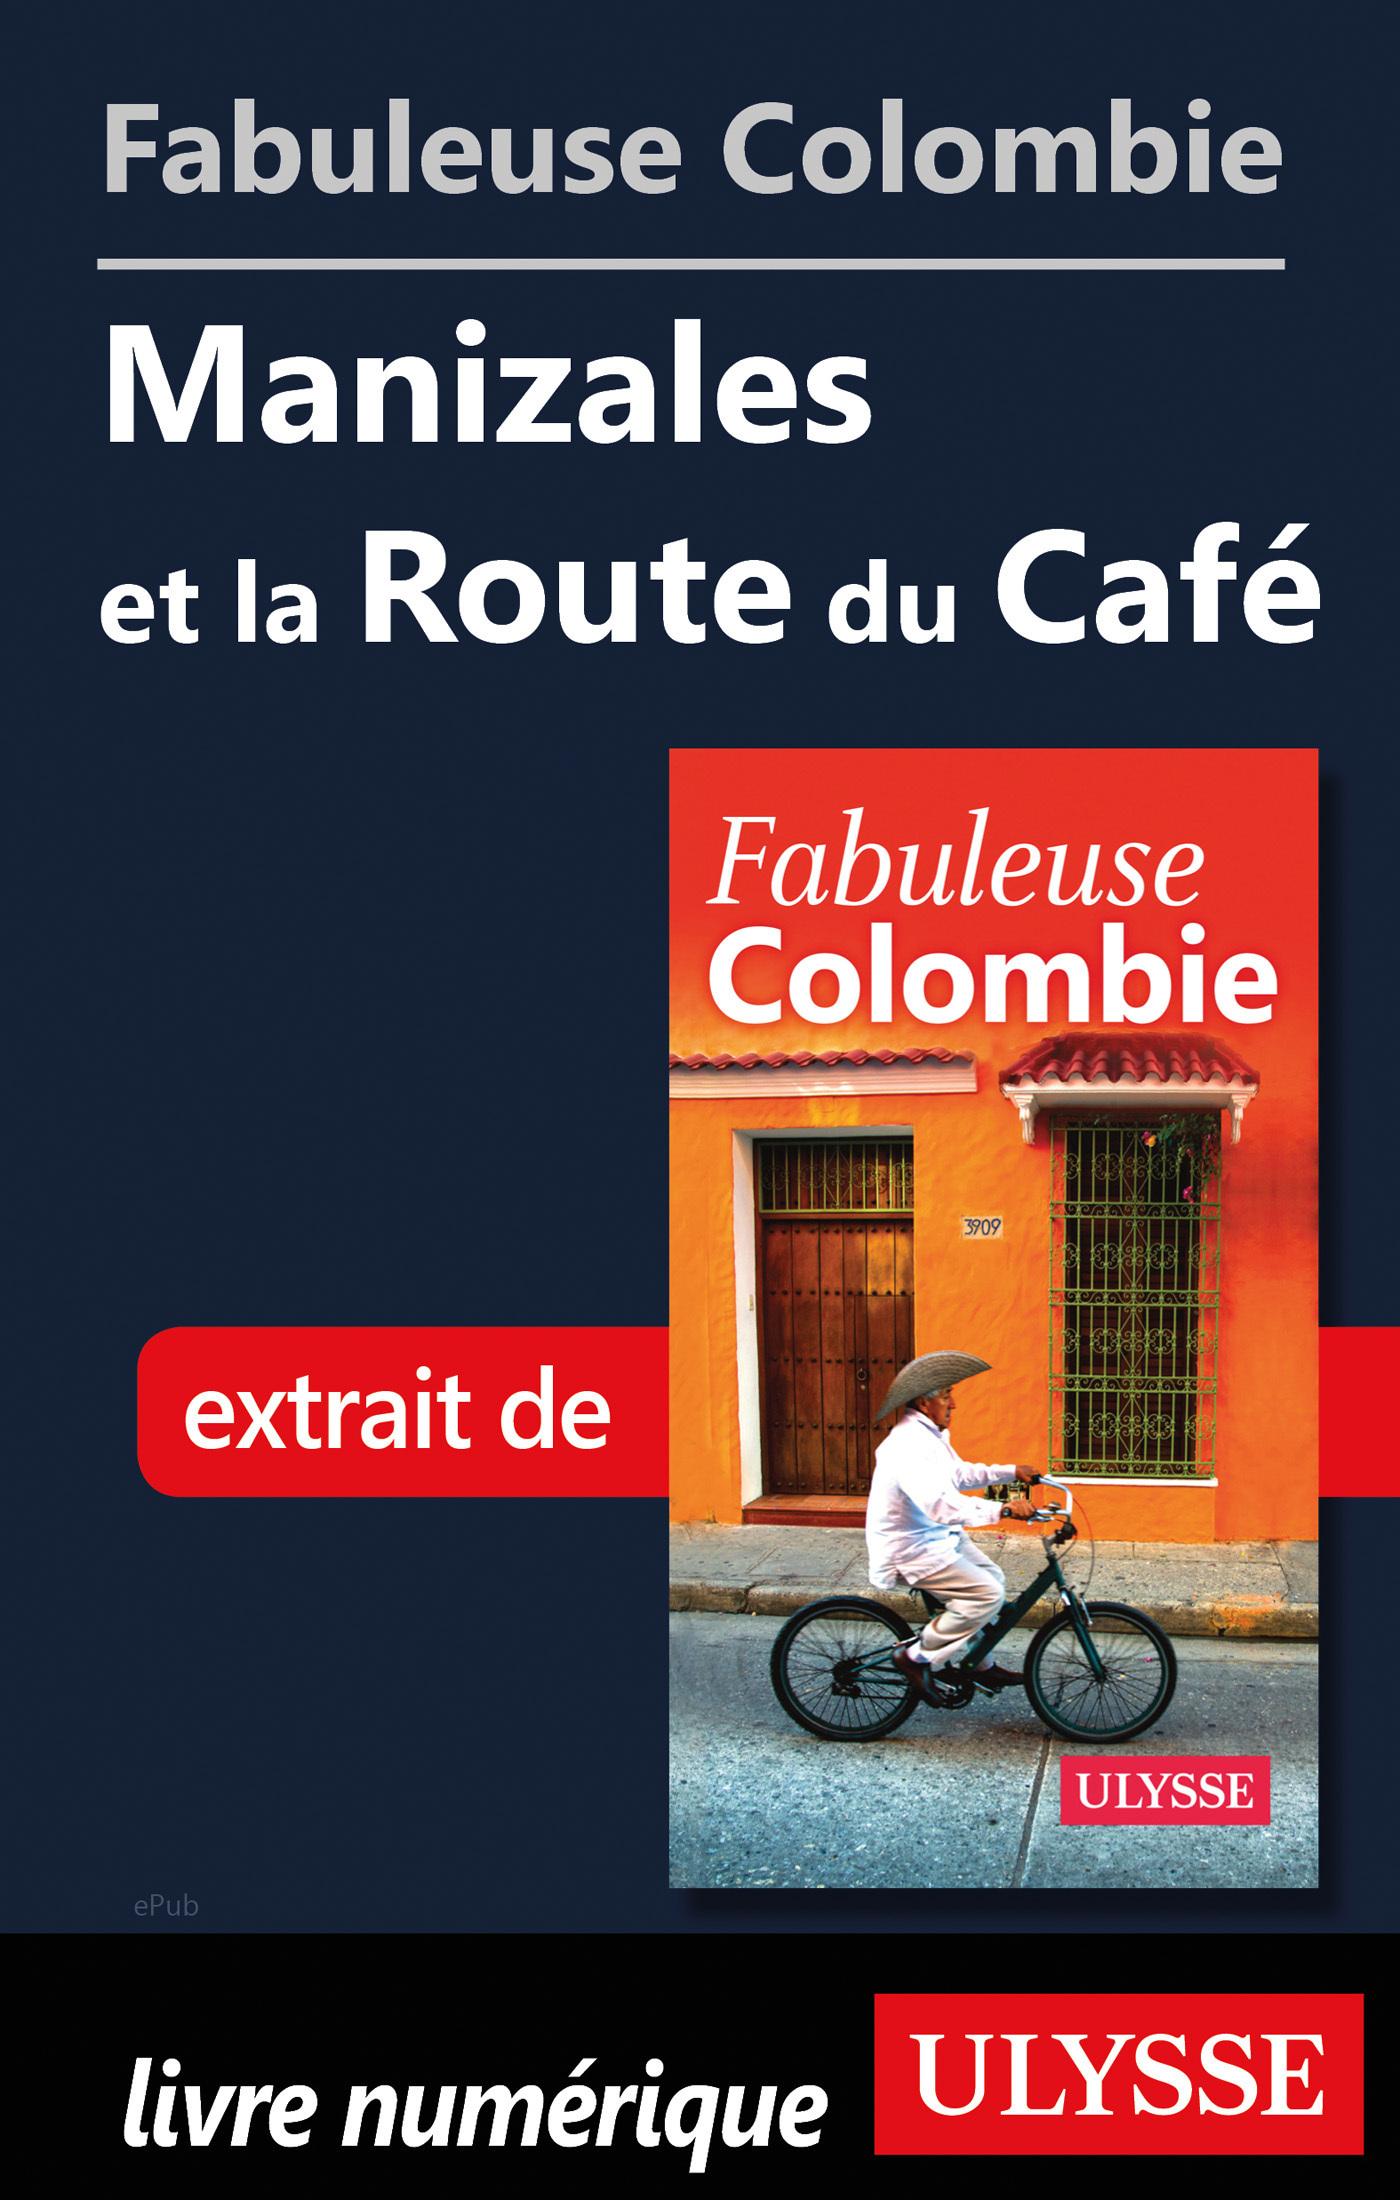 Fabuleuse Colombie: Manizales et la Route du Caf?